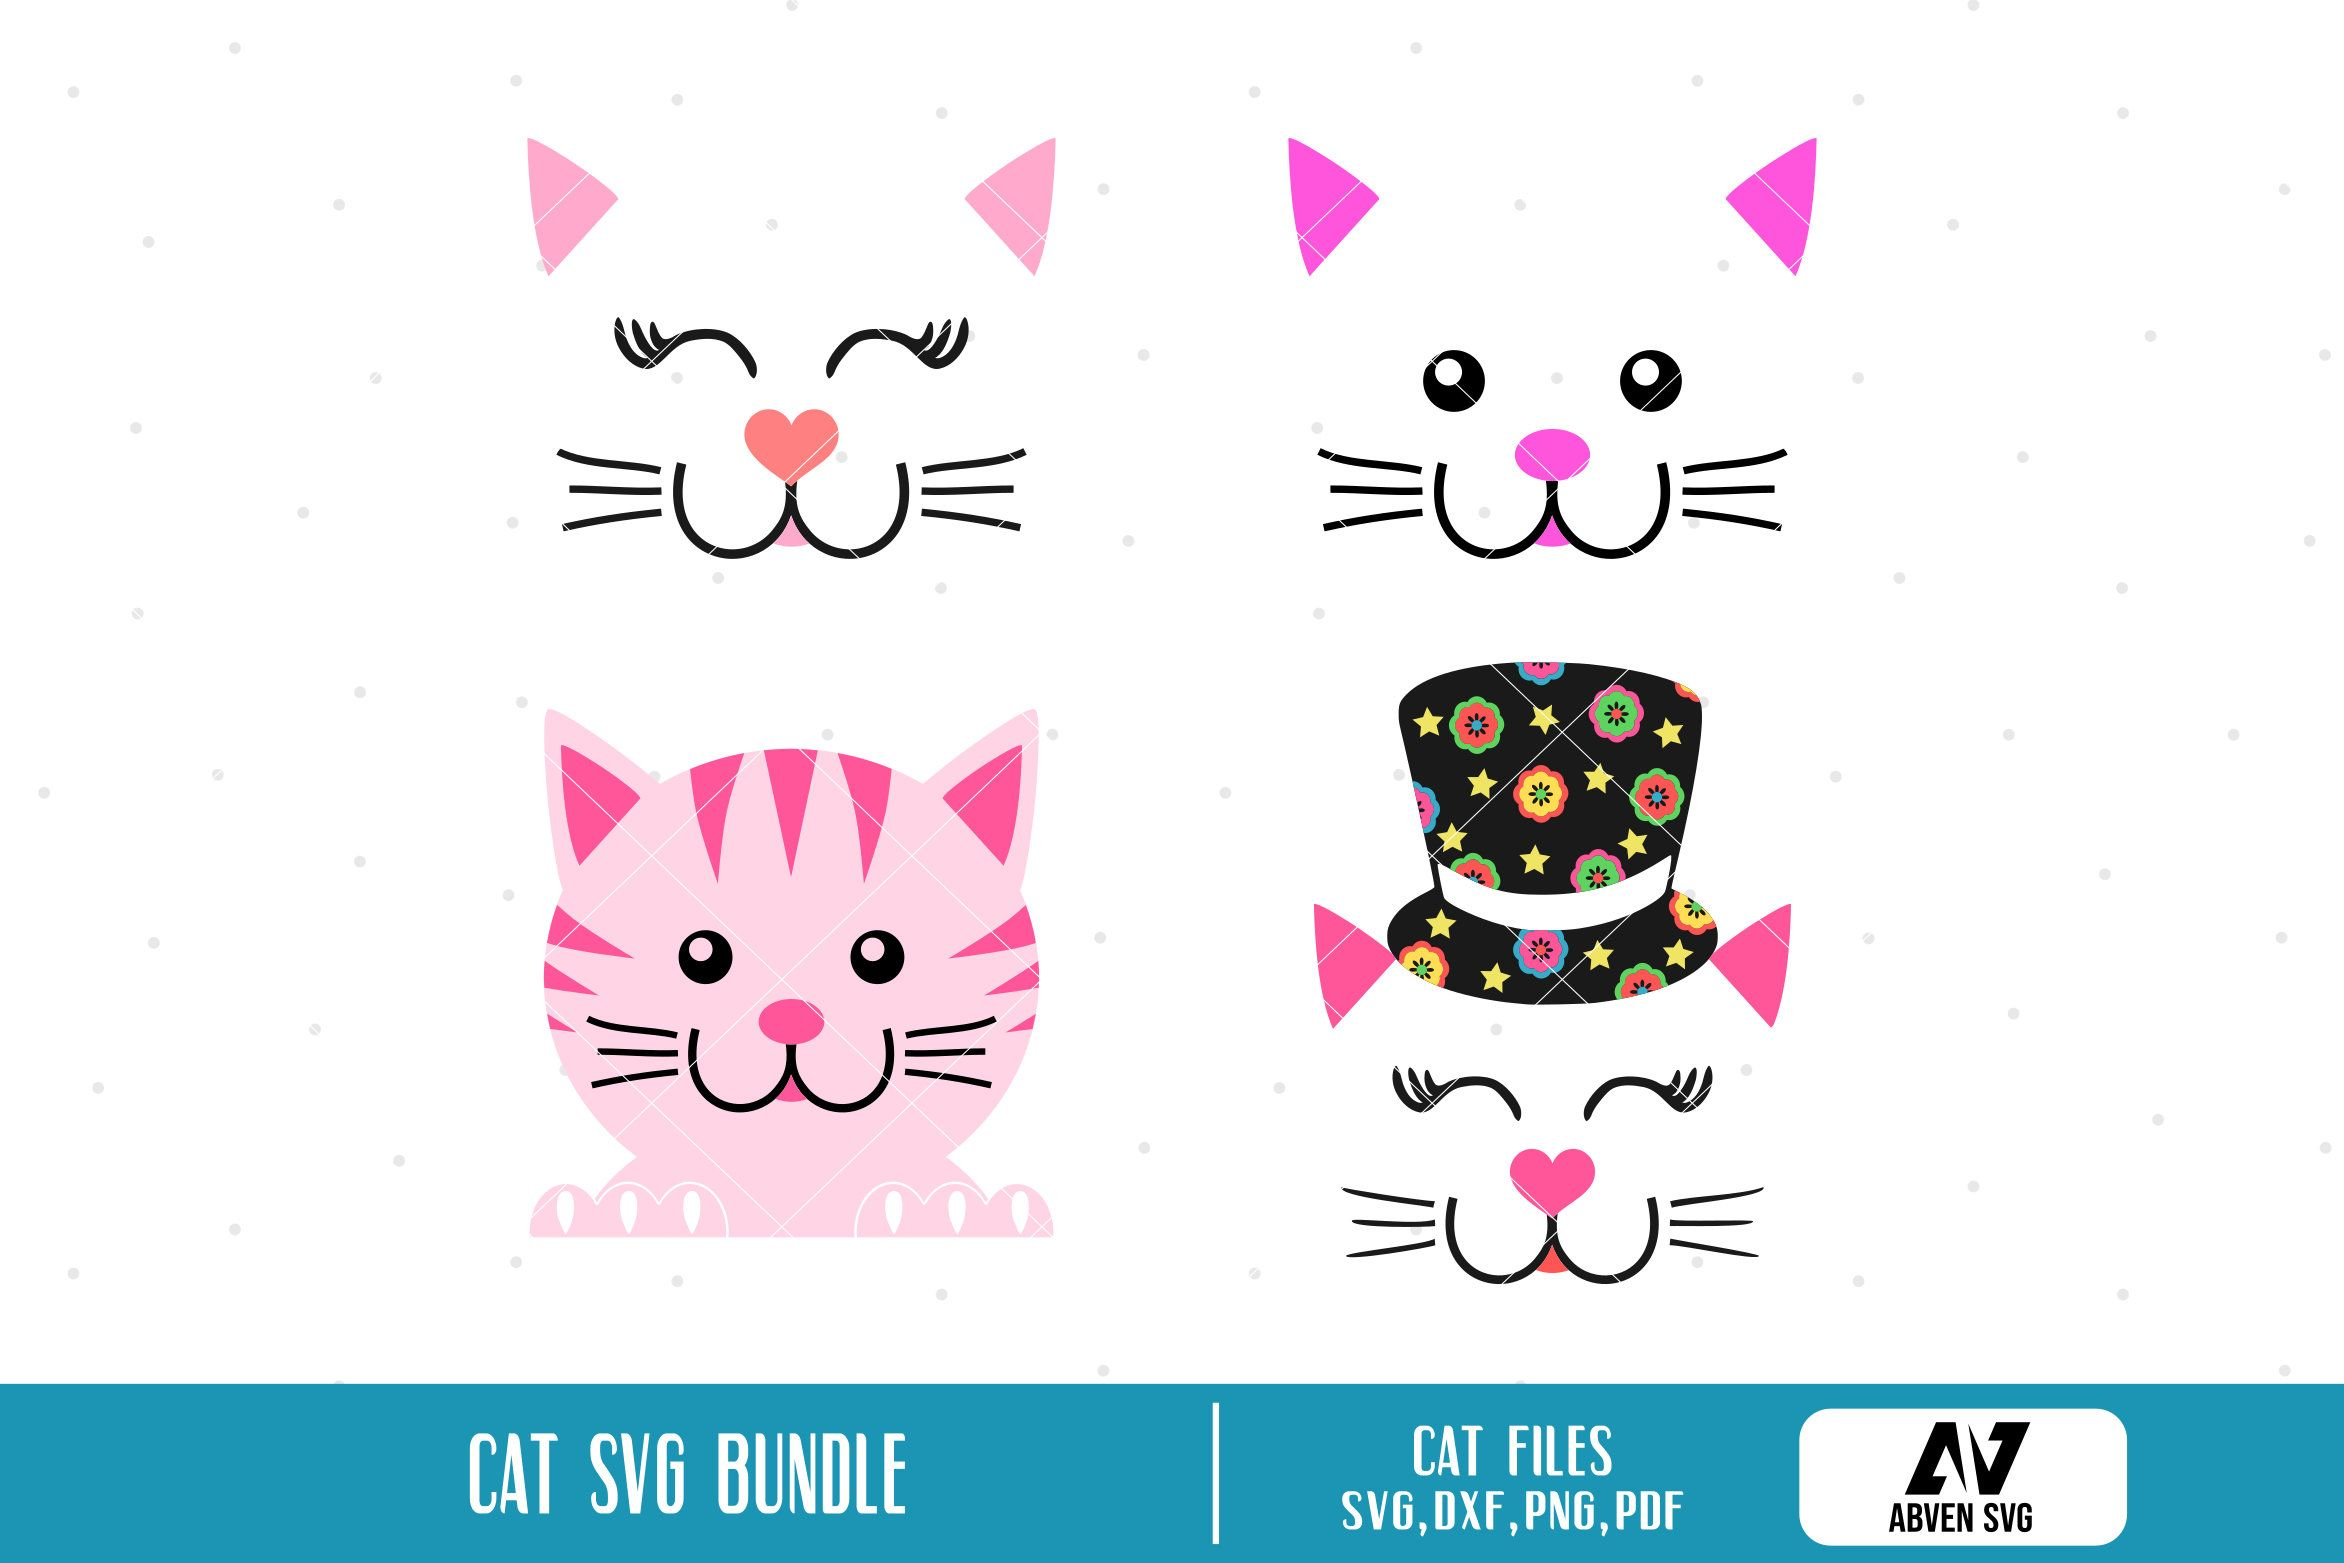 Cat Svg Cat Clip Art Cat Face Svg Cat Graphics Cat Prints Etsy In 2020 Cat Vector Cat Print Clip Art